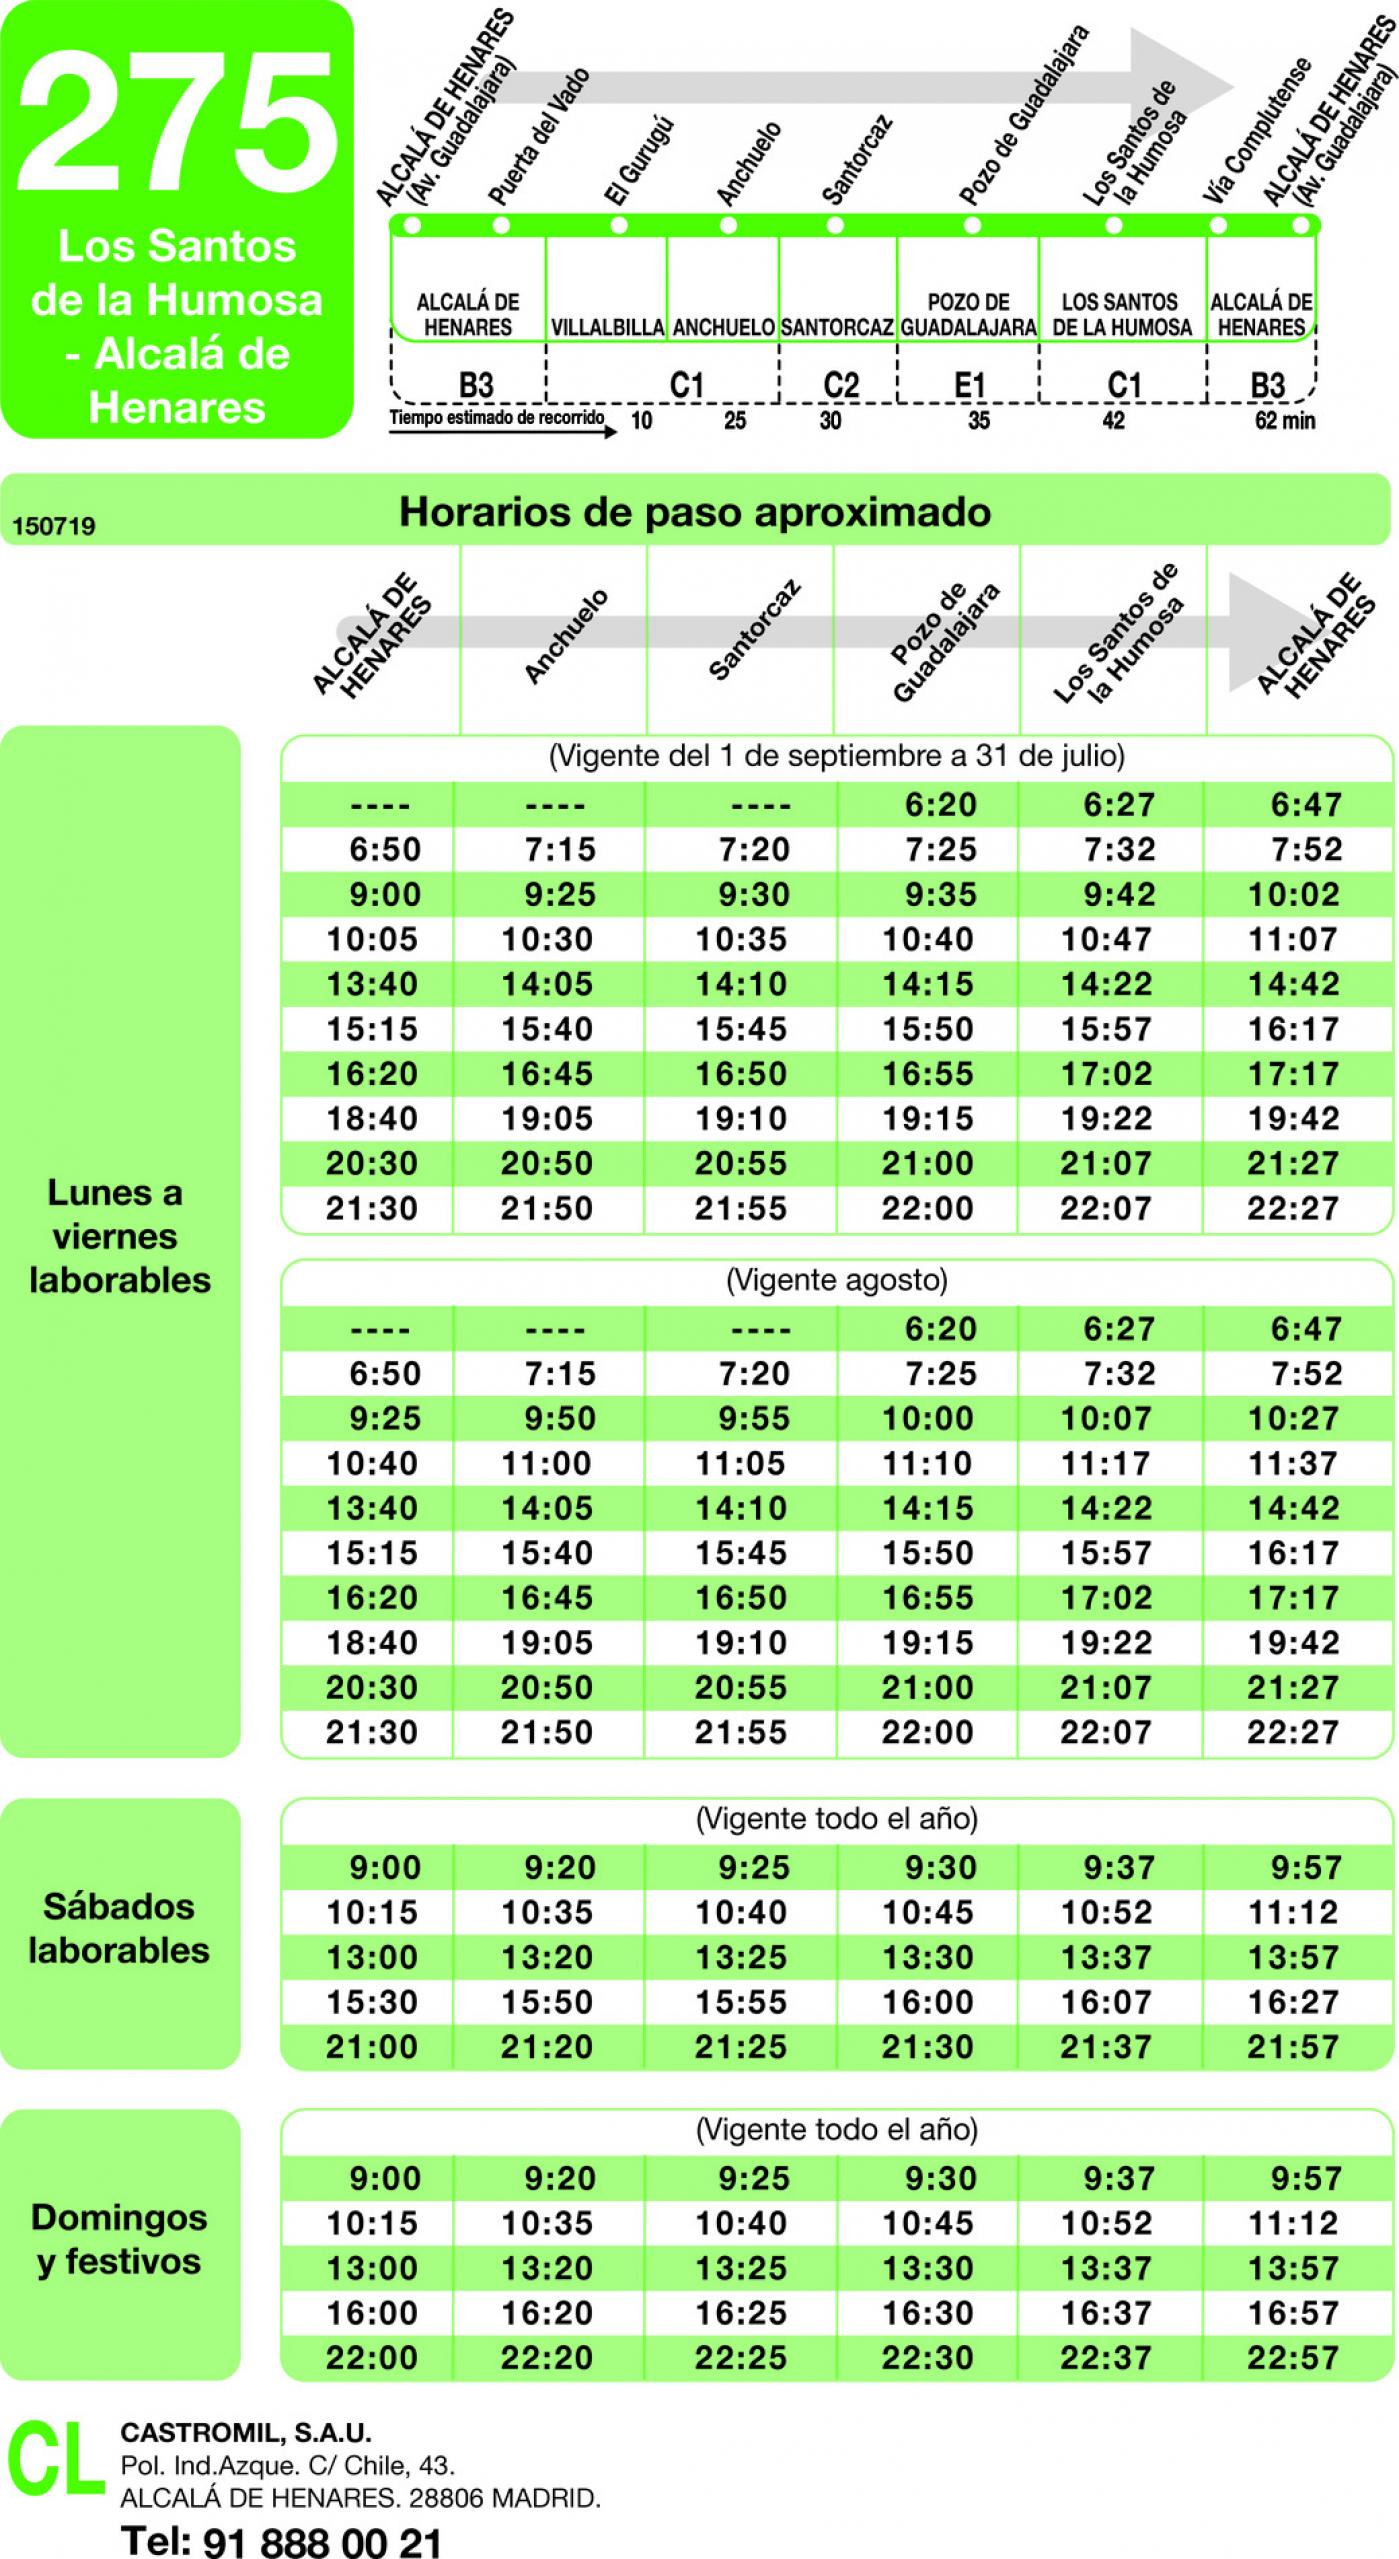 Tabla de horarios y frecuencias de paso en sentido vuelta Línea 275: Alcalá de Henares - Los Santos de la Humosa